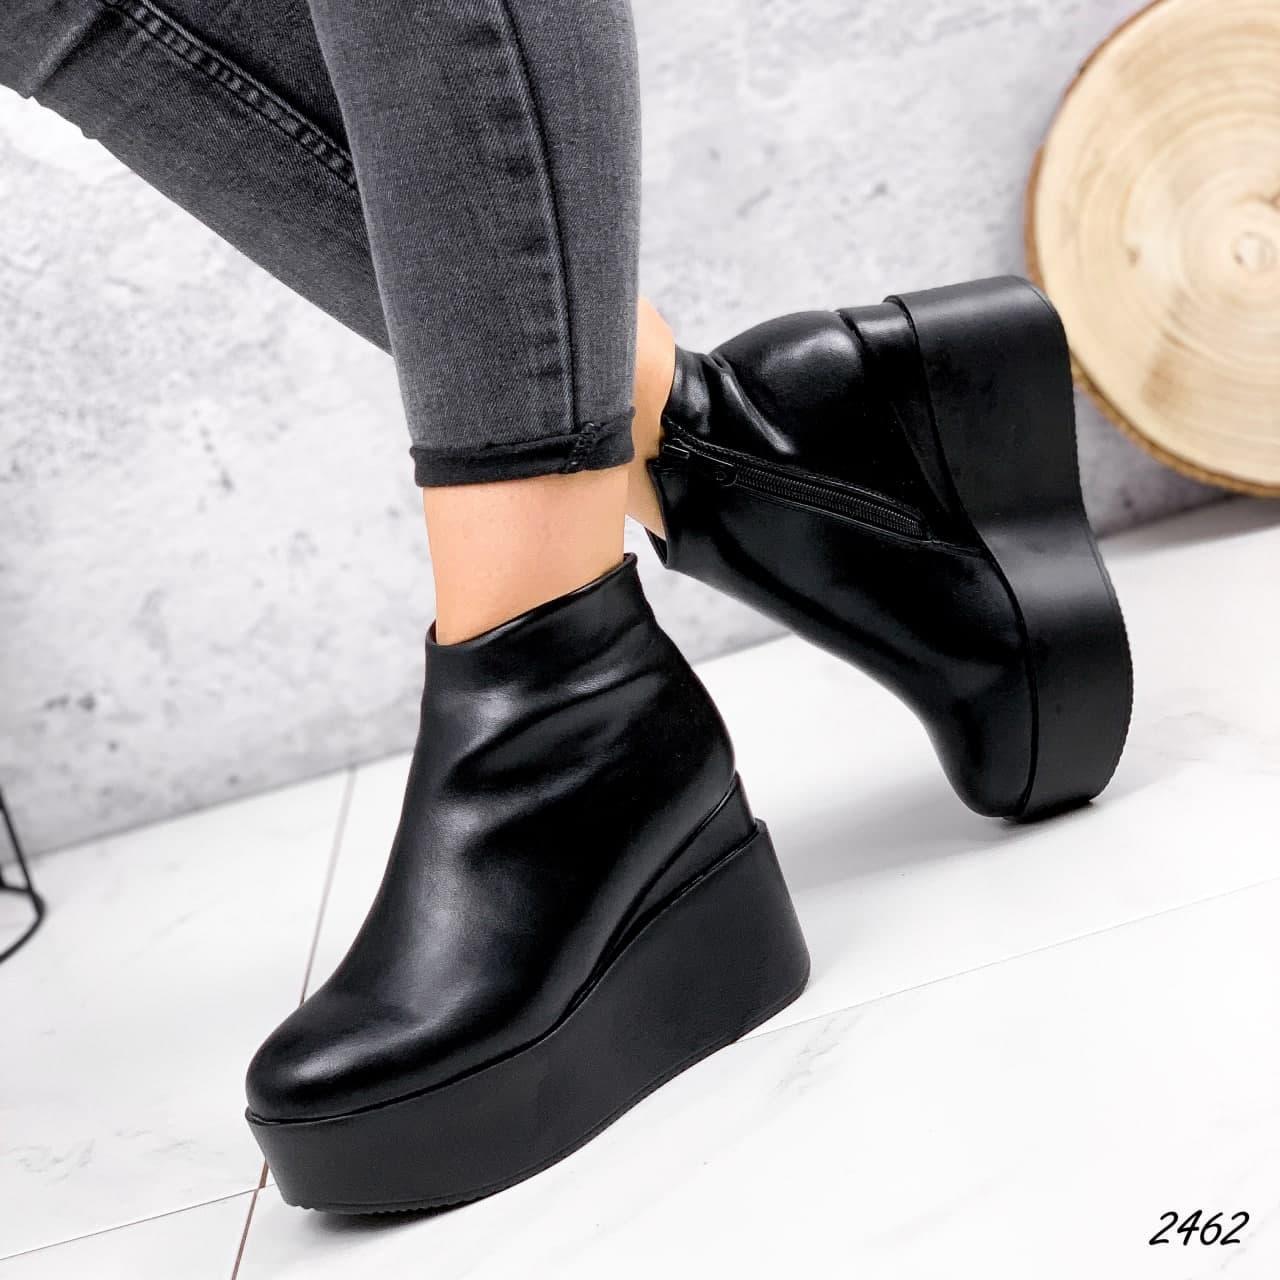 Ботинки женские черные, зимние из эко кожи. Черевики жіночі теплі чорні на на танкетці